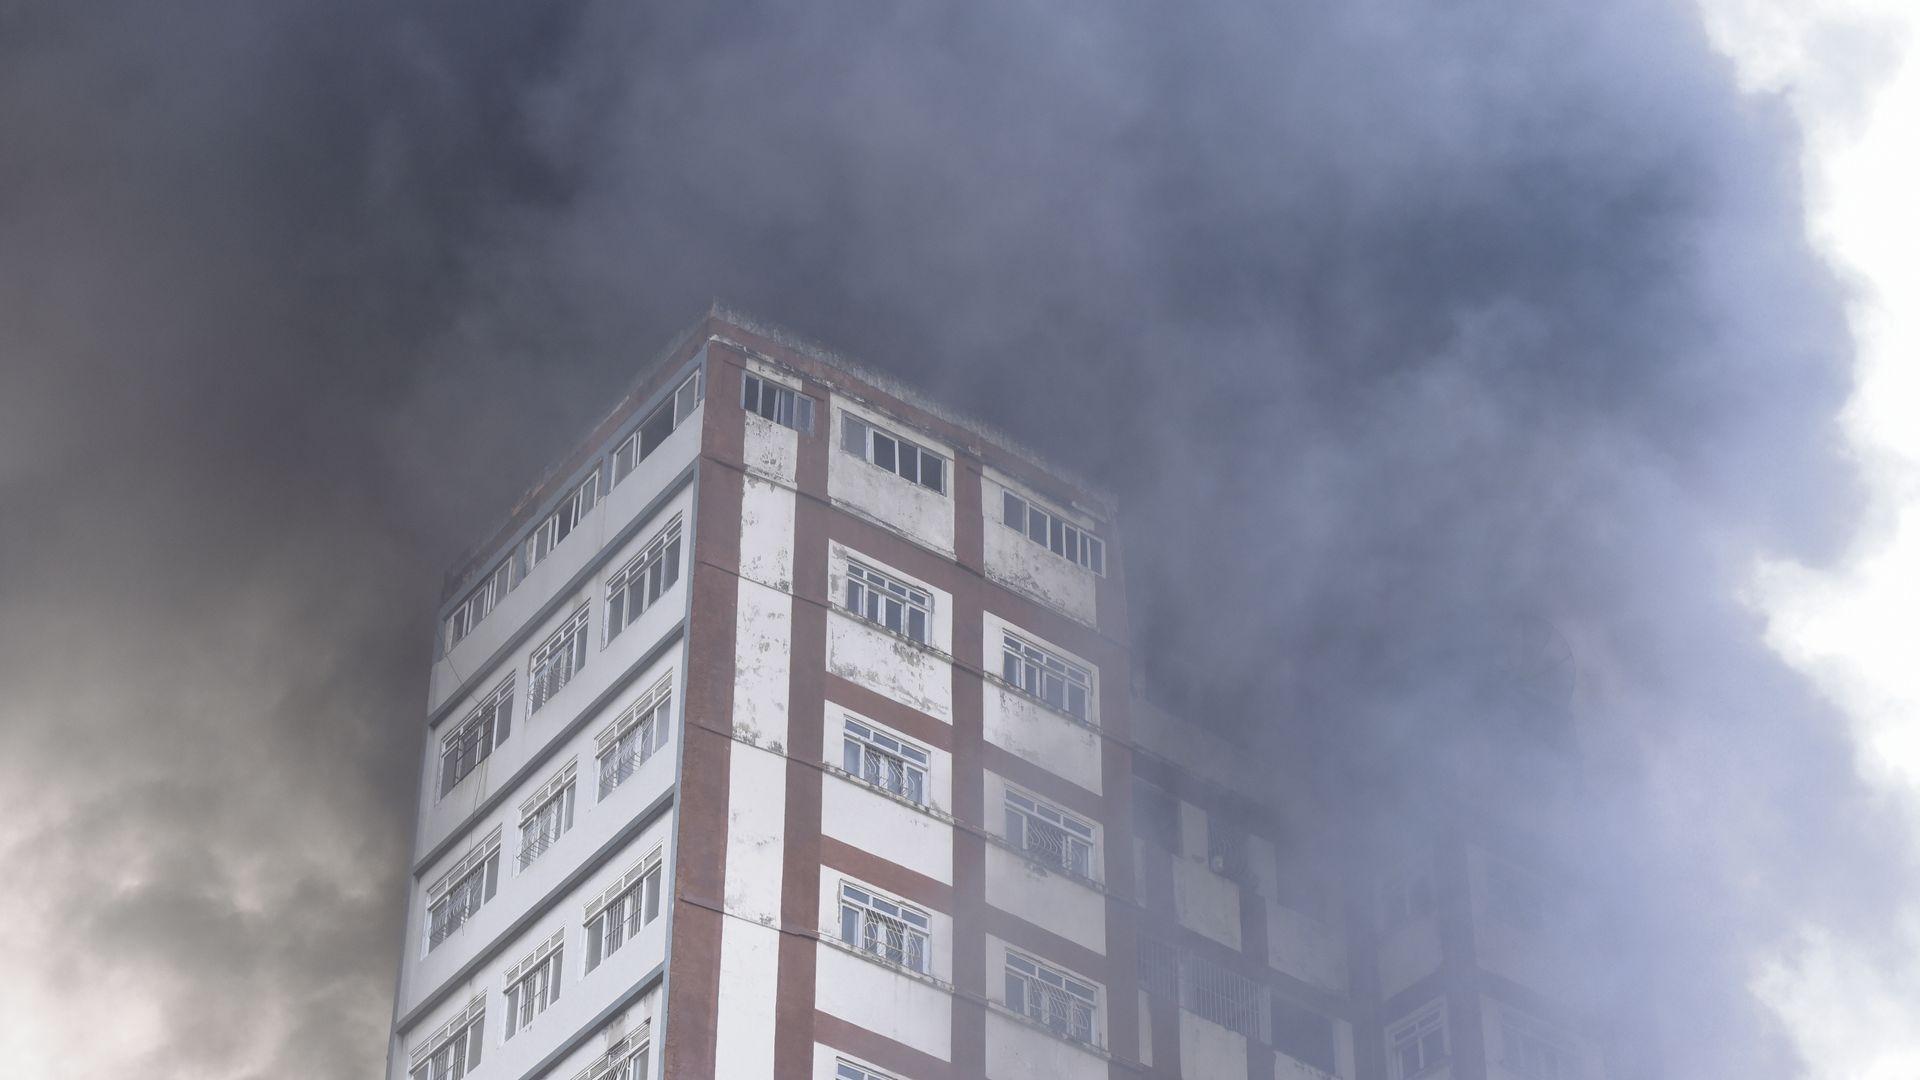 Data: 20/09/2019 - ES - Vitória - Incêndio destrói o depósito da loja Alves e couros na Vila Rubim - Editoria: Cidades - Foto: Carlos Alberto Silva - GZ